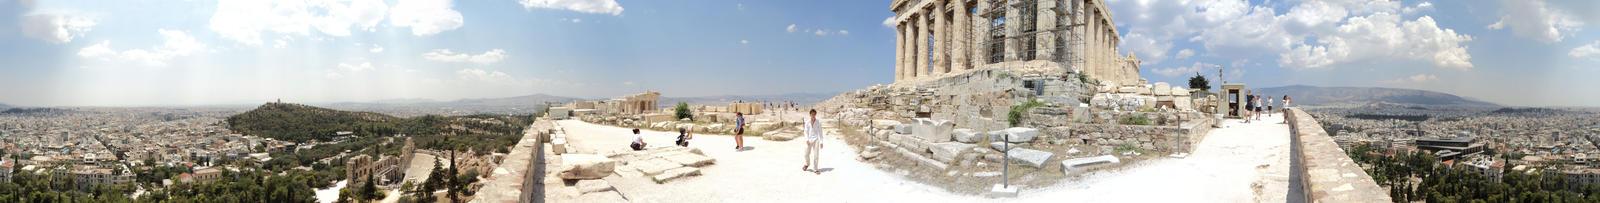 Parthenon Panorama by Gabirules54